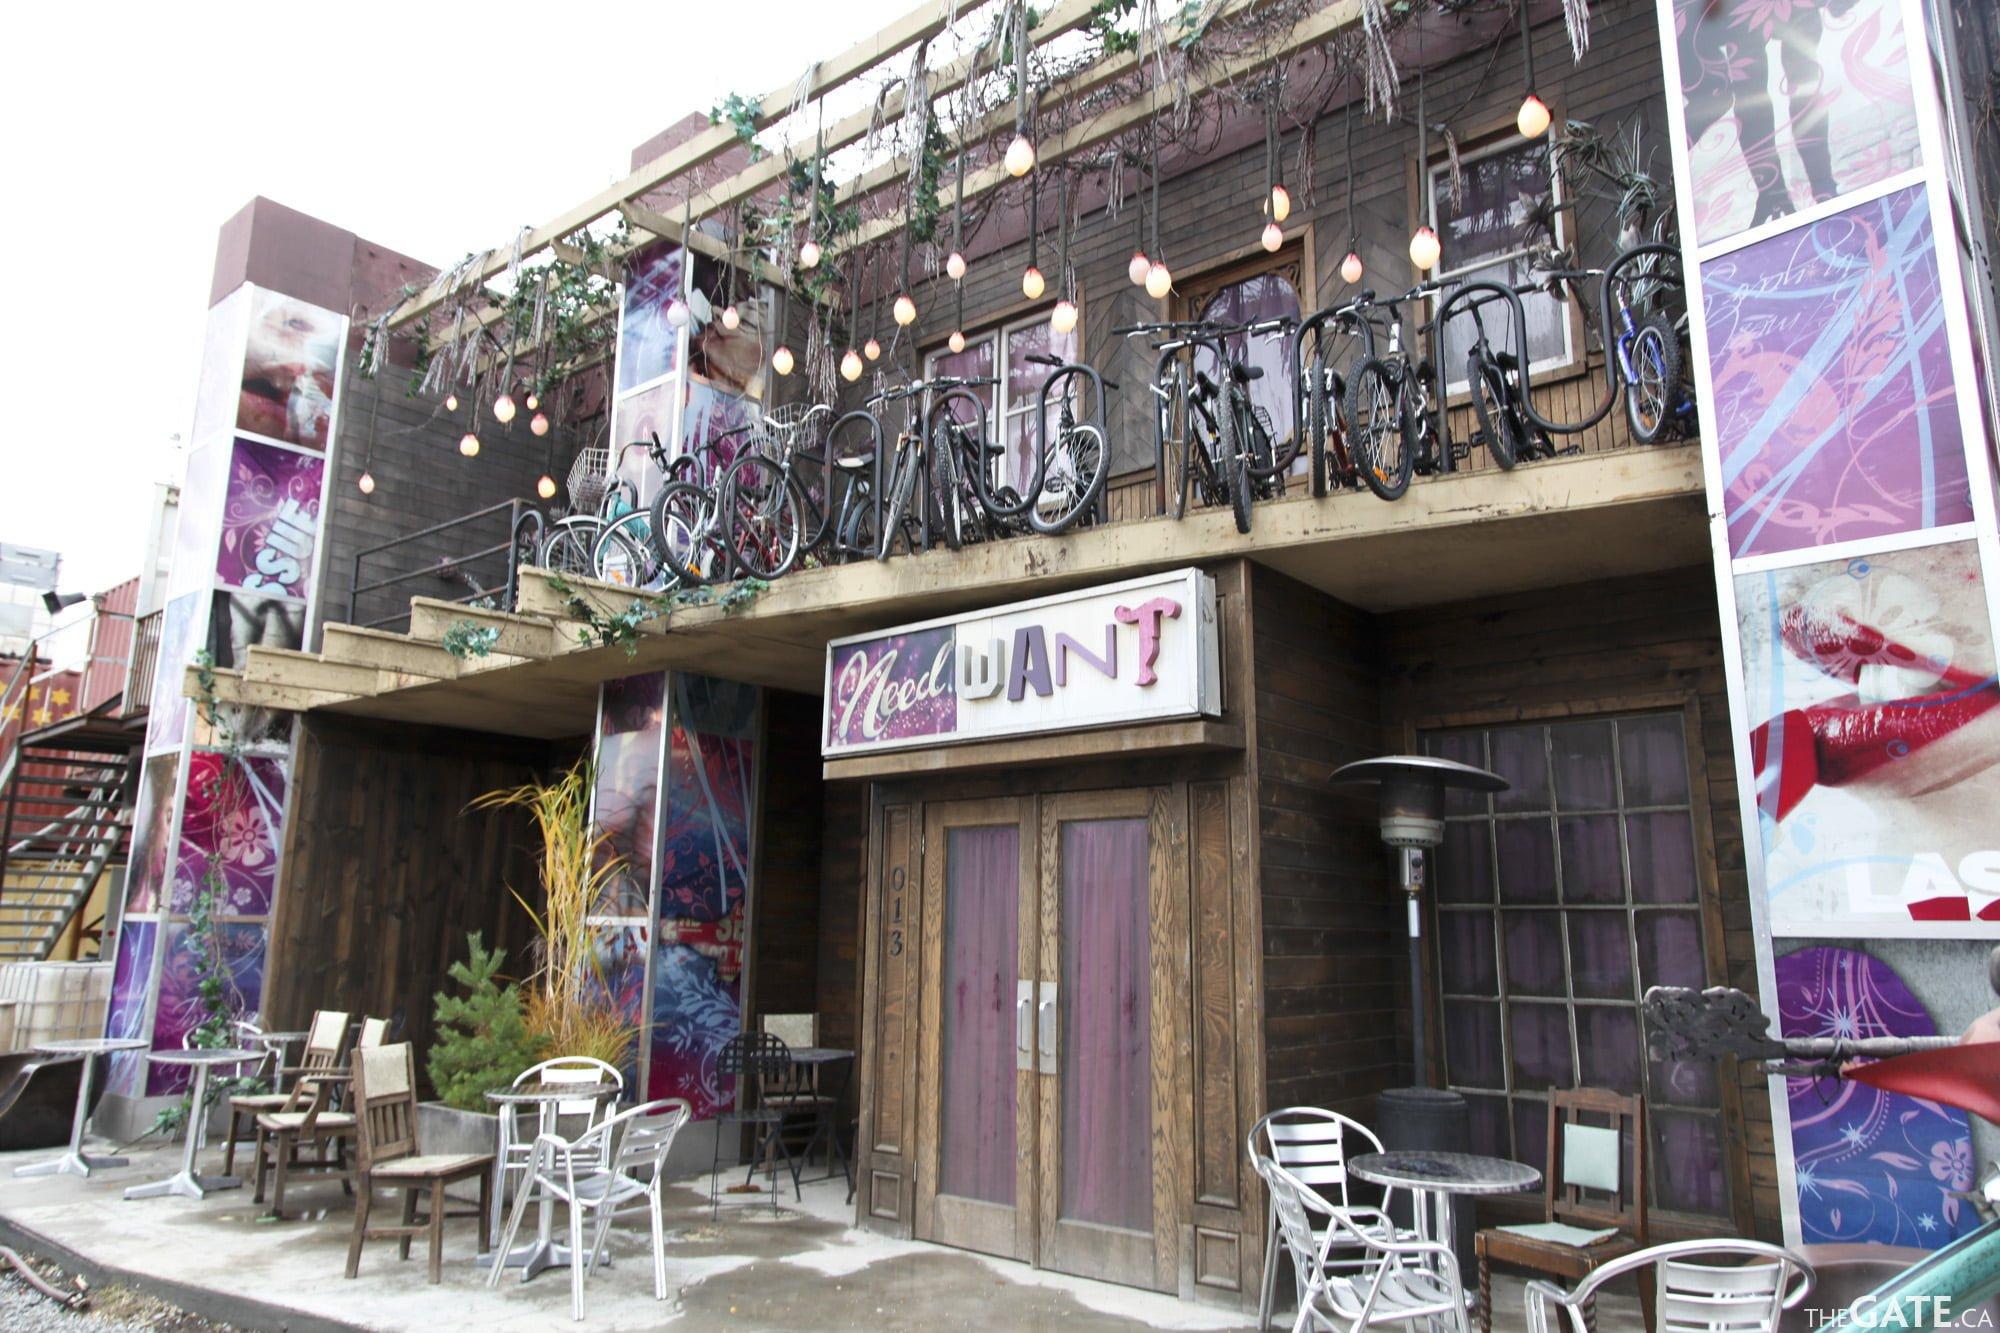 Outside NeedWant Lounge #2